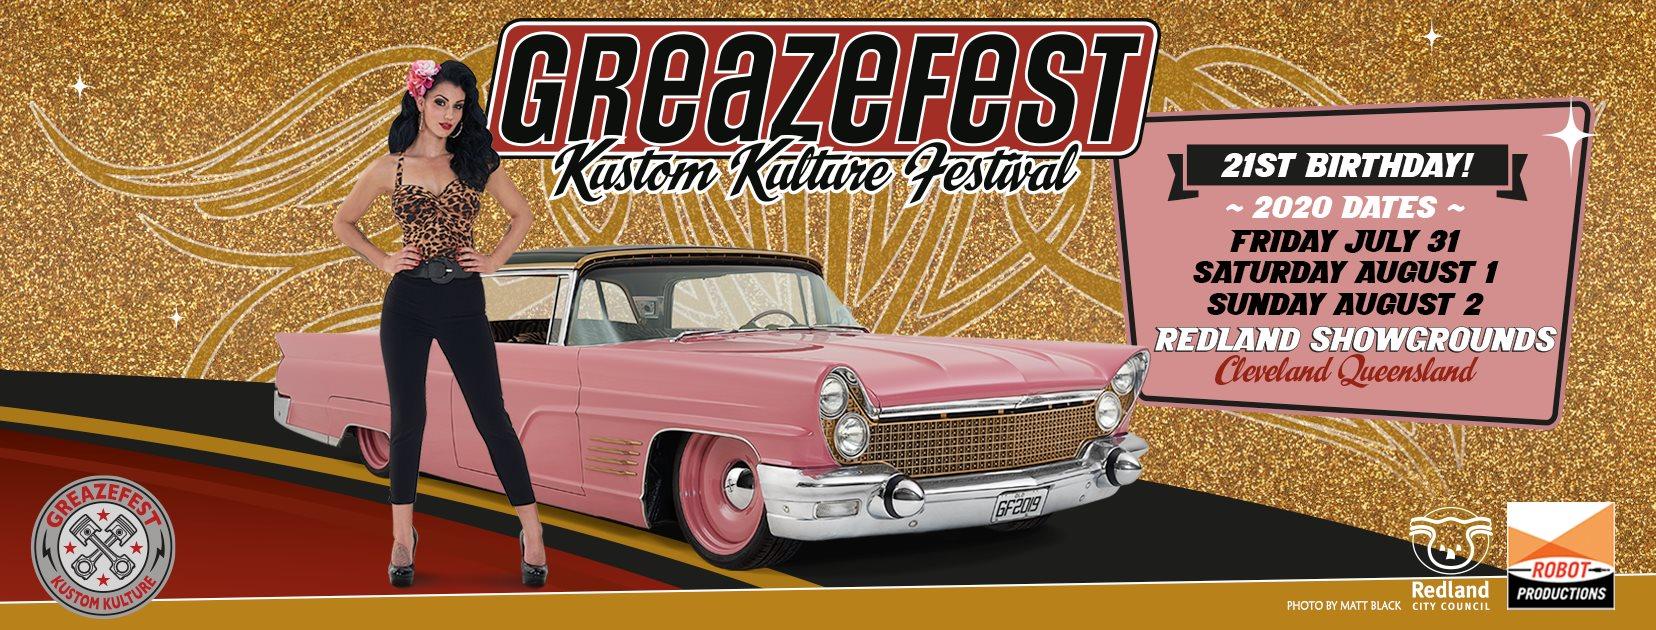 greazefest australia